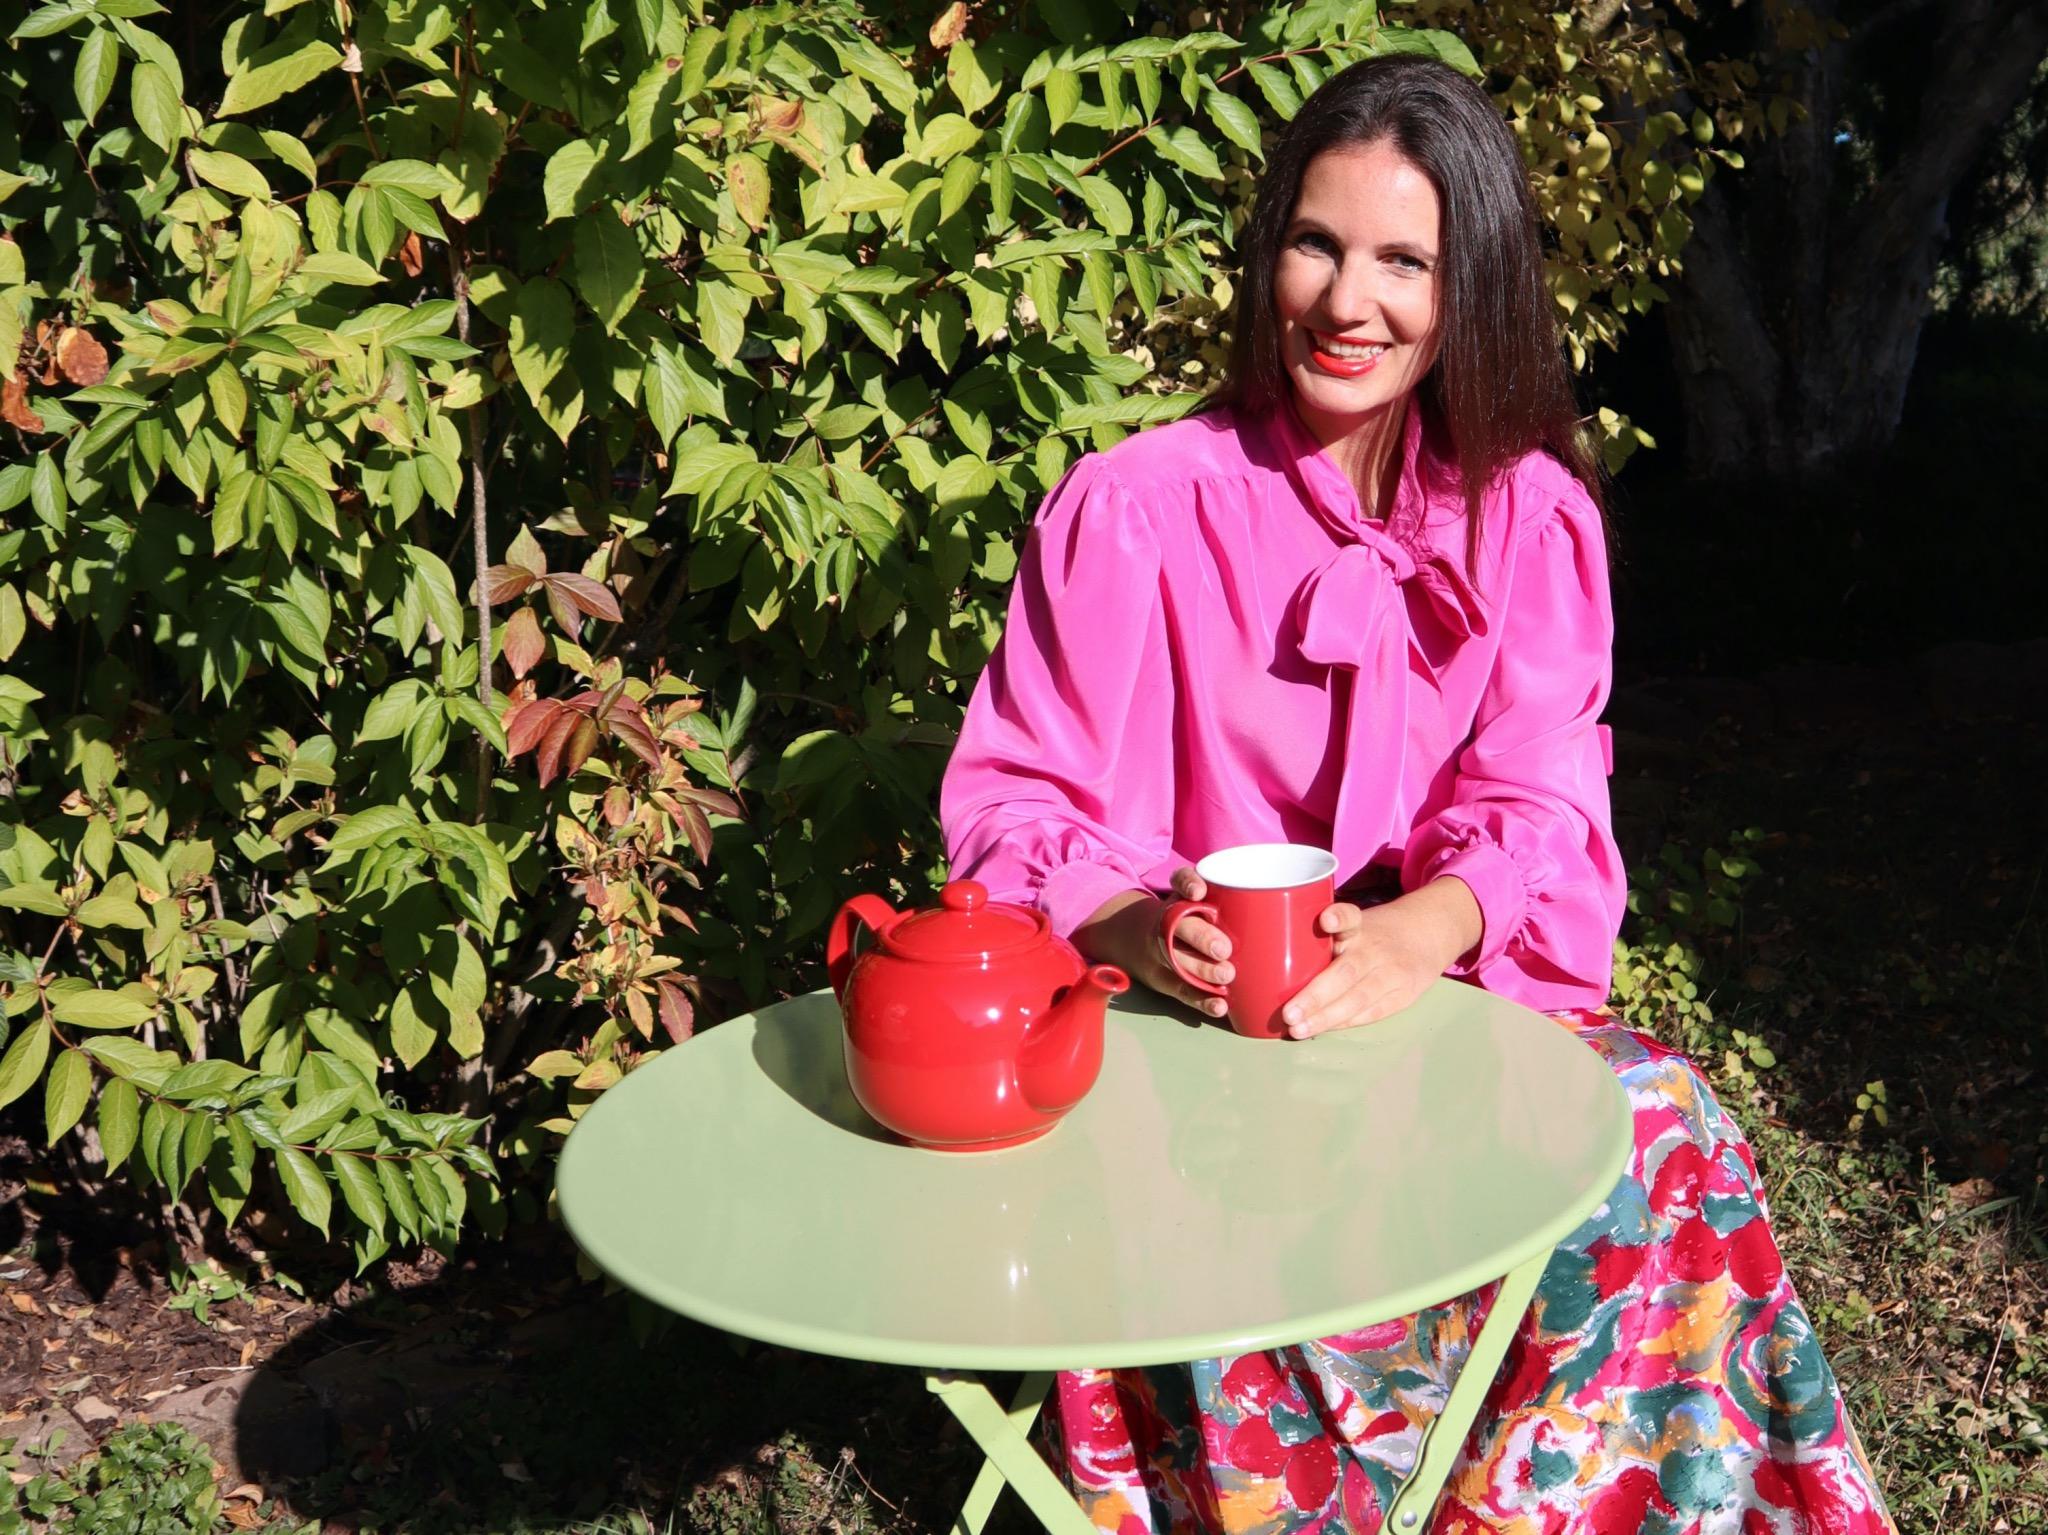 Julia liebt Vintage und eröffnete sogar einen eigenen Secondhand Online-Shop. Foto: Julia Nägler